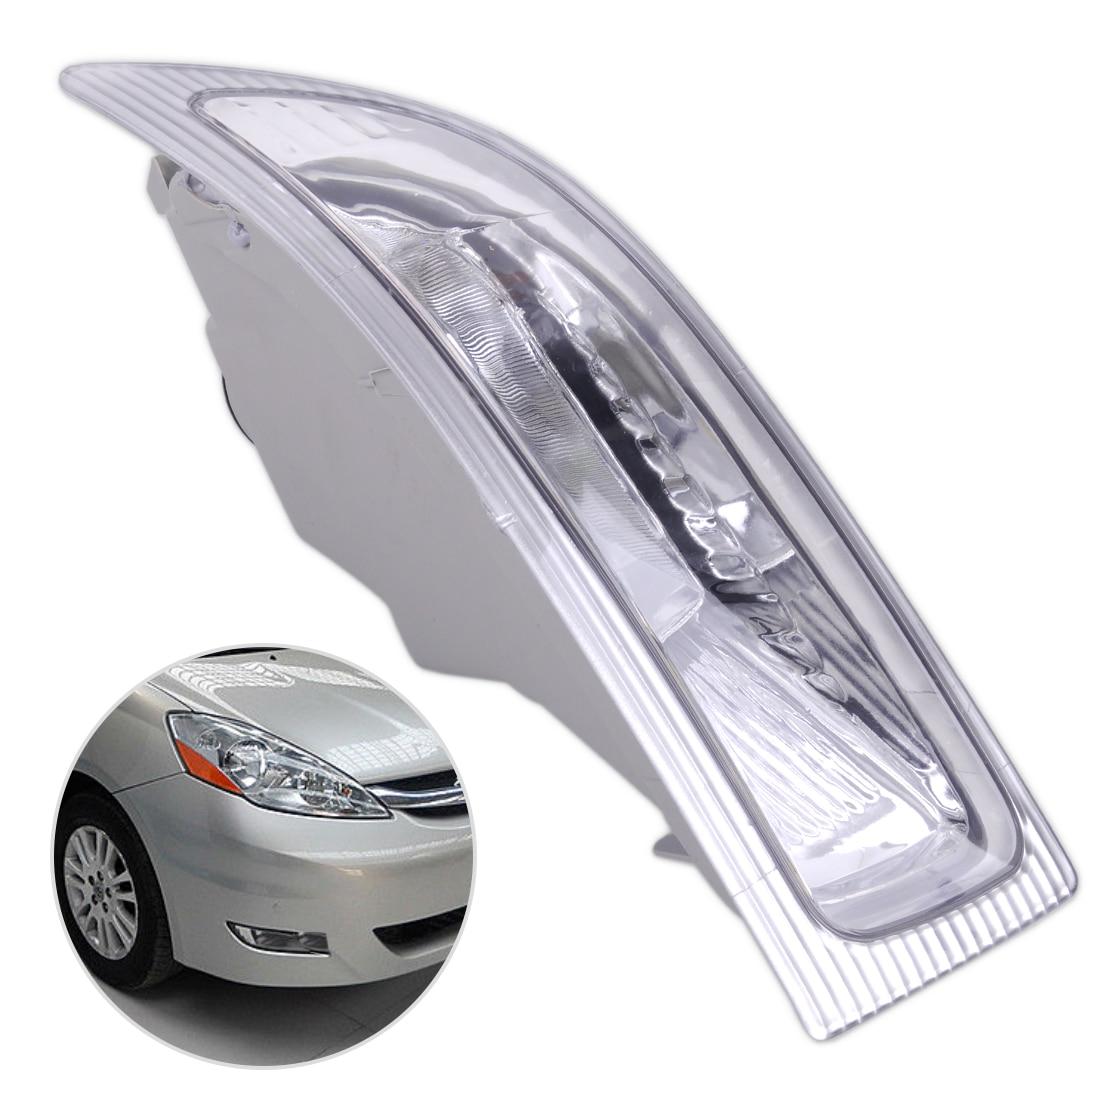 DWCX новый 2-Контактный Автомобильный пластик и металл левая передняя противотуманная фара свет лампы 312-2020L-АФ 81220-AE010, пригодный для Toyota Сиенна 2004 2005